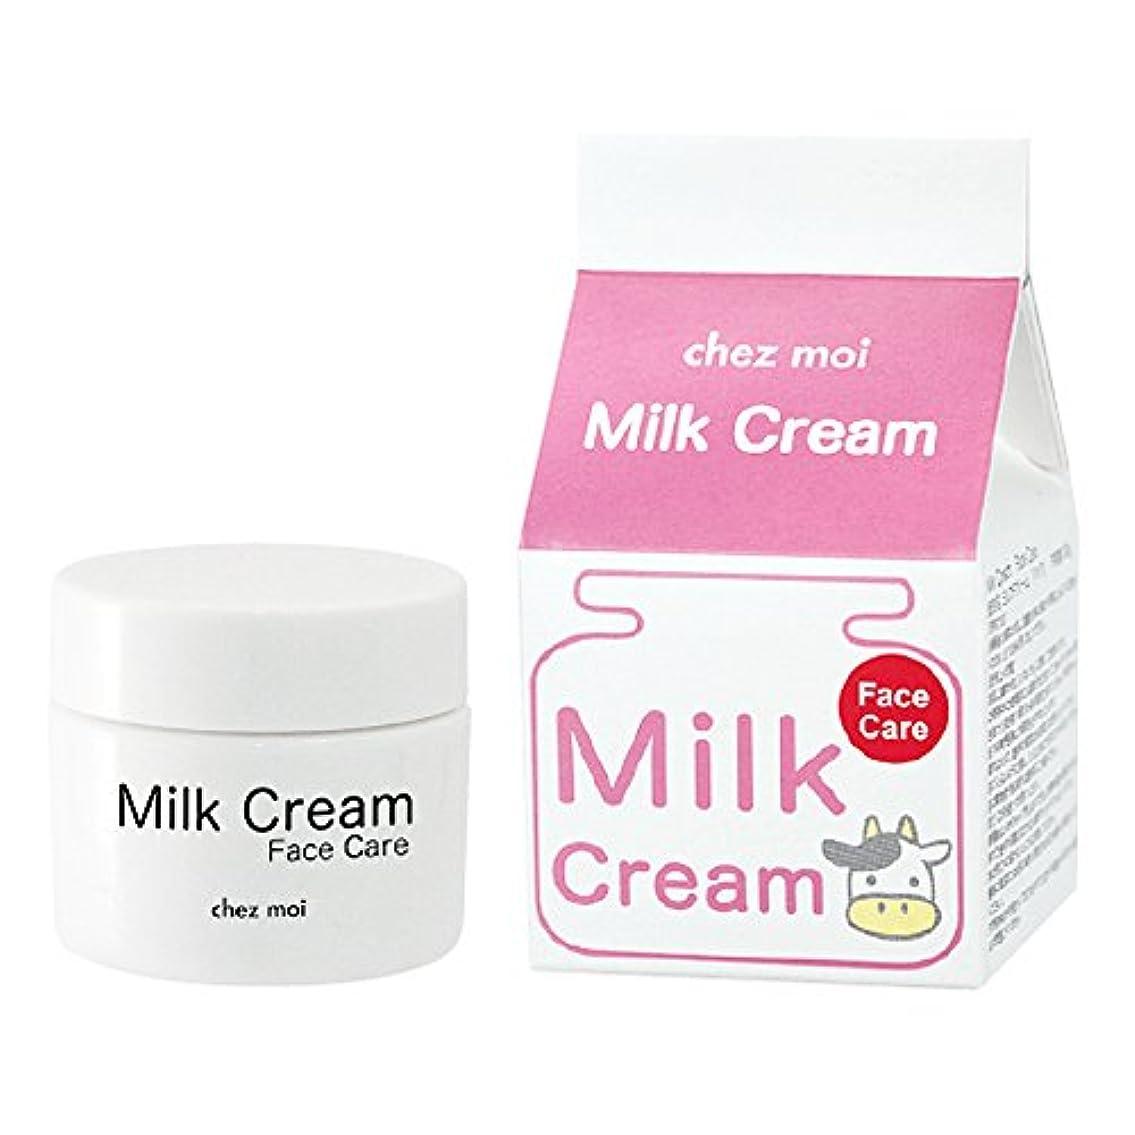 発行するテンション浴室シェモア Milk Cream Face Care(ミルククリーム フェイスケア) 30g